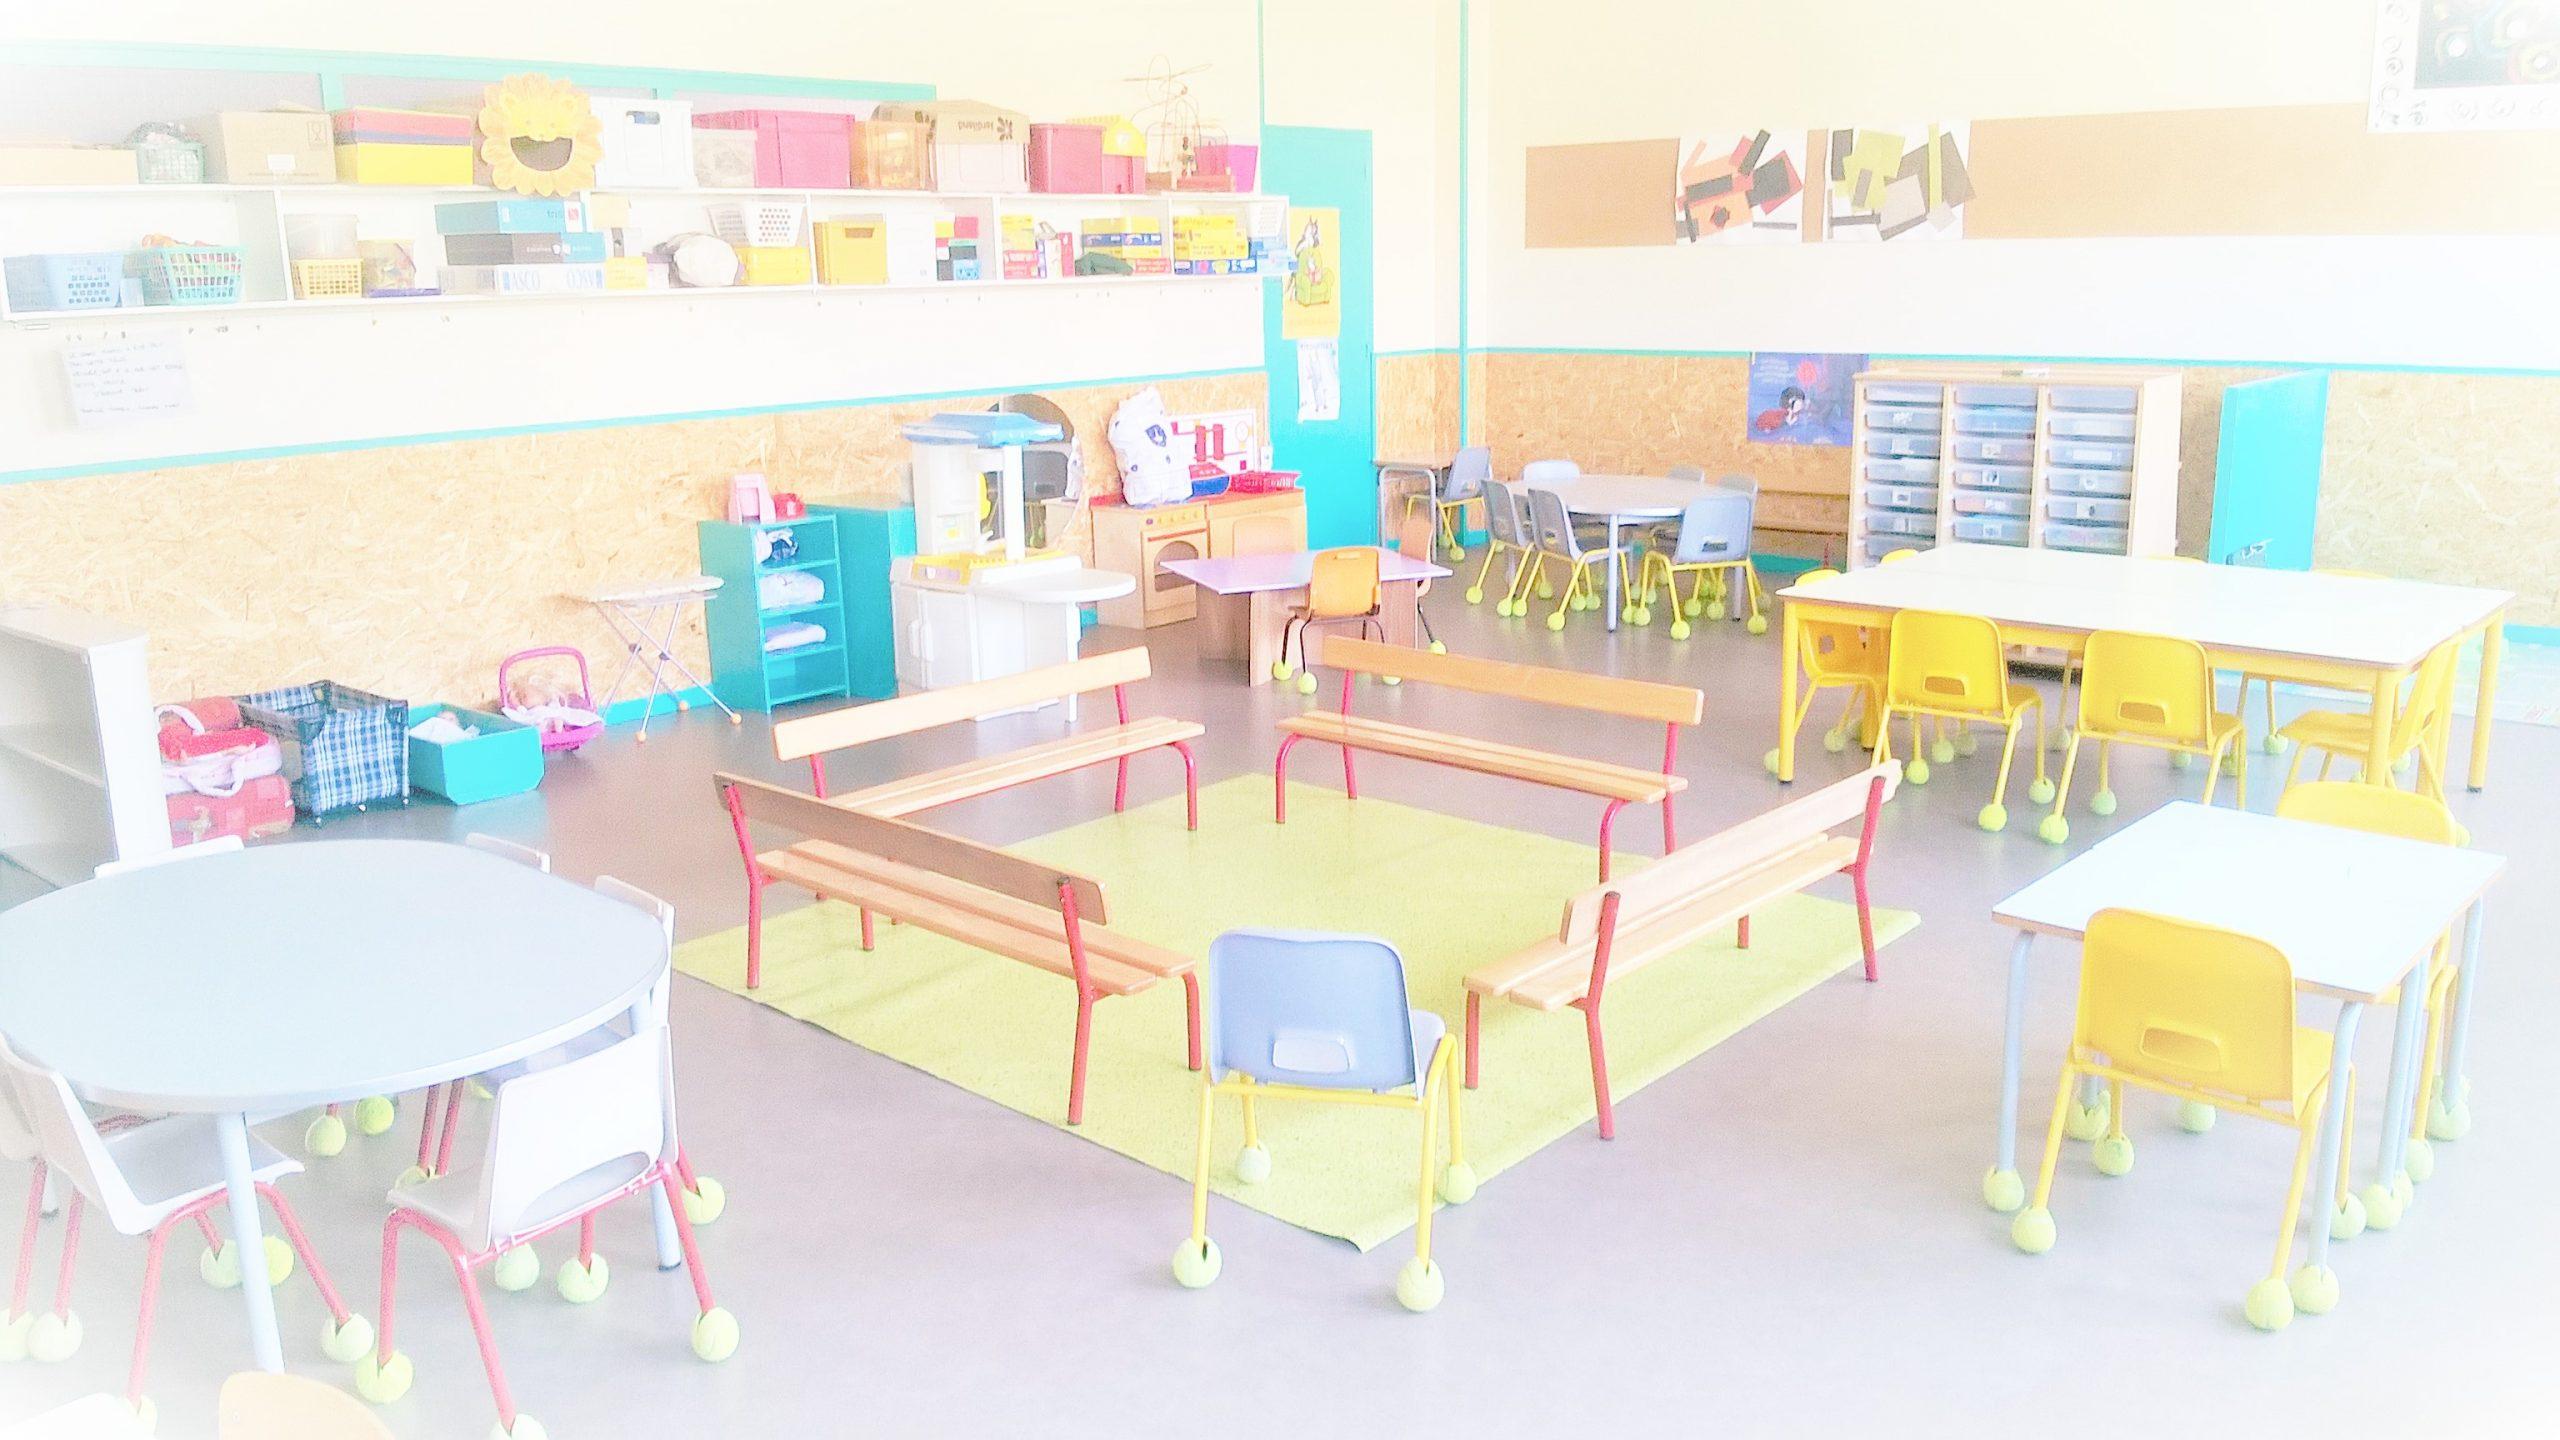 Une Journée En Petite Section : Suivez-Nous ! – Veux Pas !! tout Jeux Gratuit Maternelle Petite Section